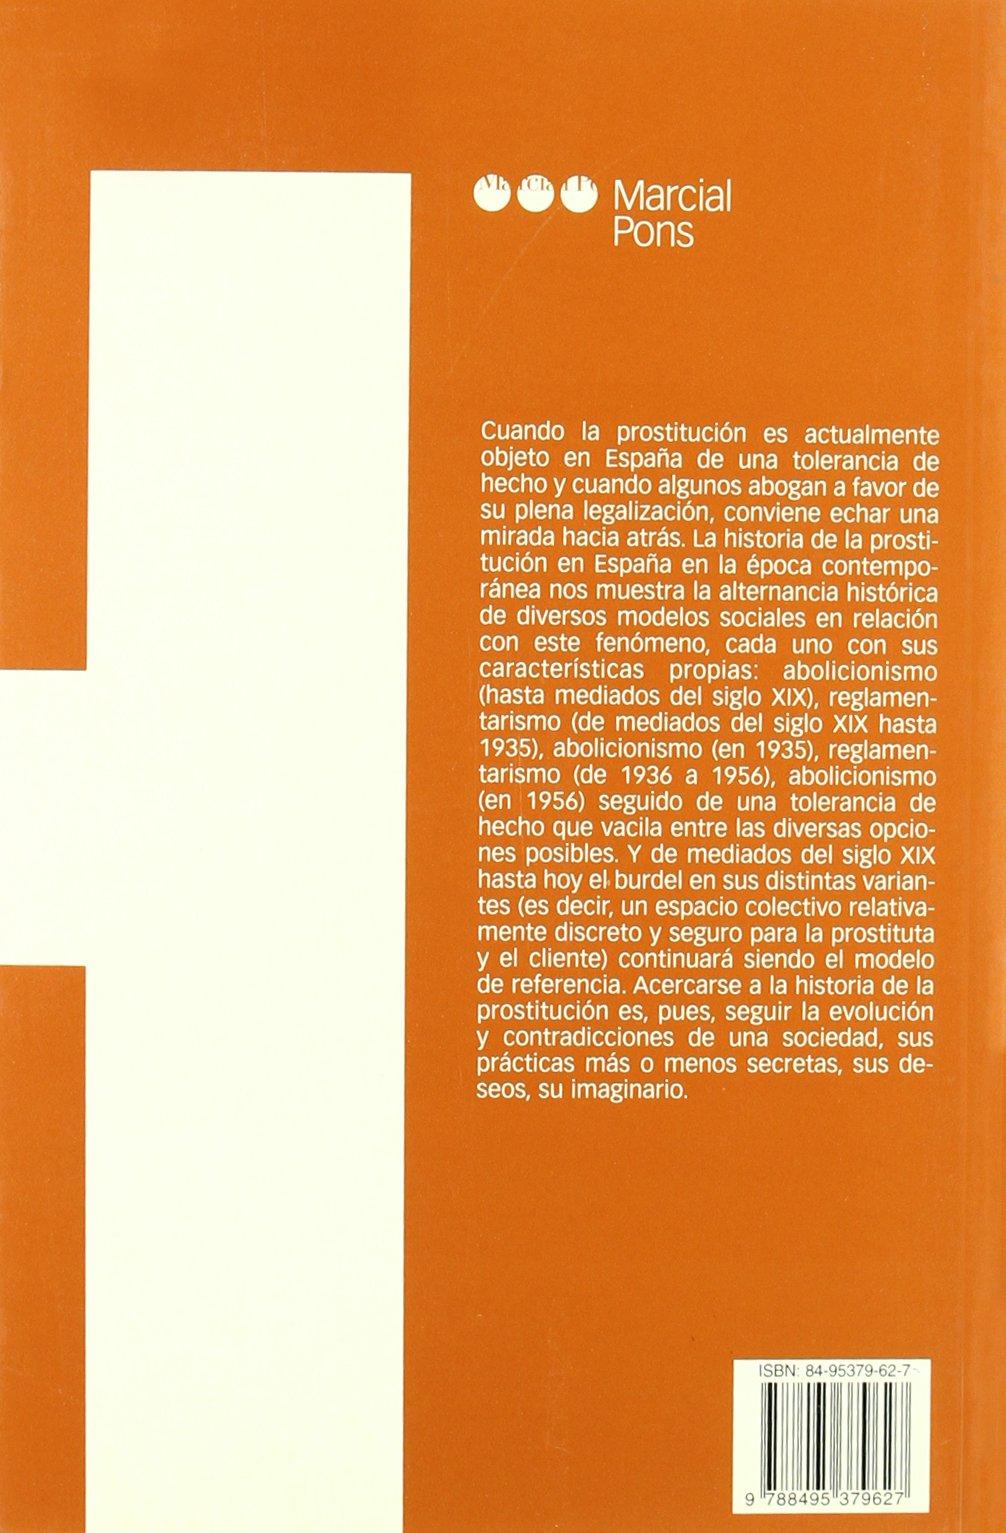 PROSTITUCIÓN EN LA ESPAÑA CONTEMPORÁNEA, LA: 26 Estudios: Amazon.es: Guereña, J.L.: Libros